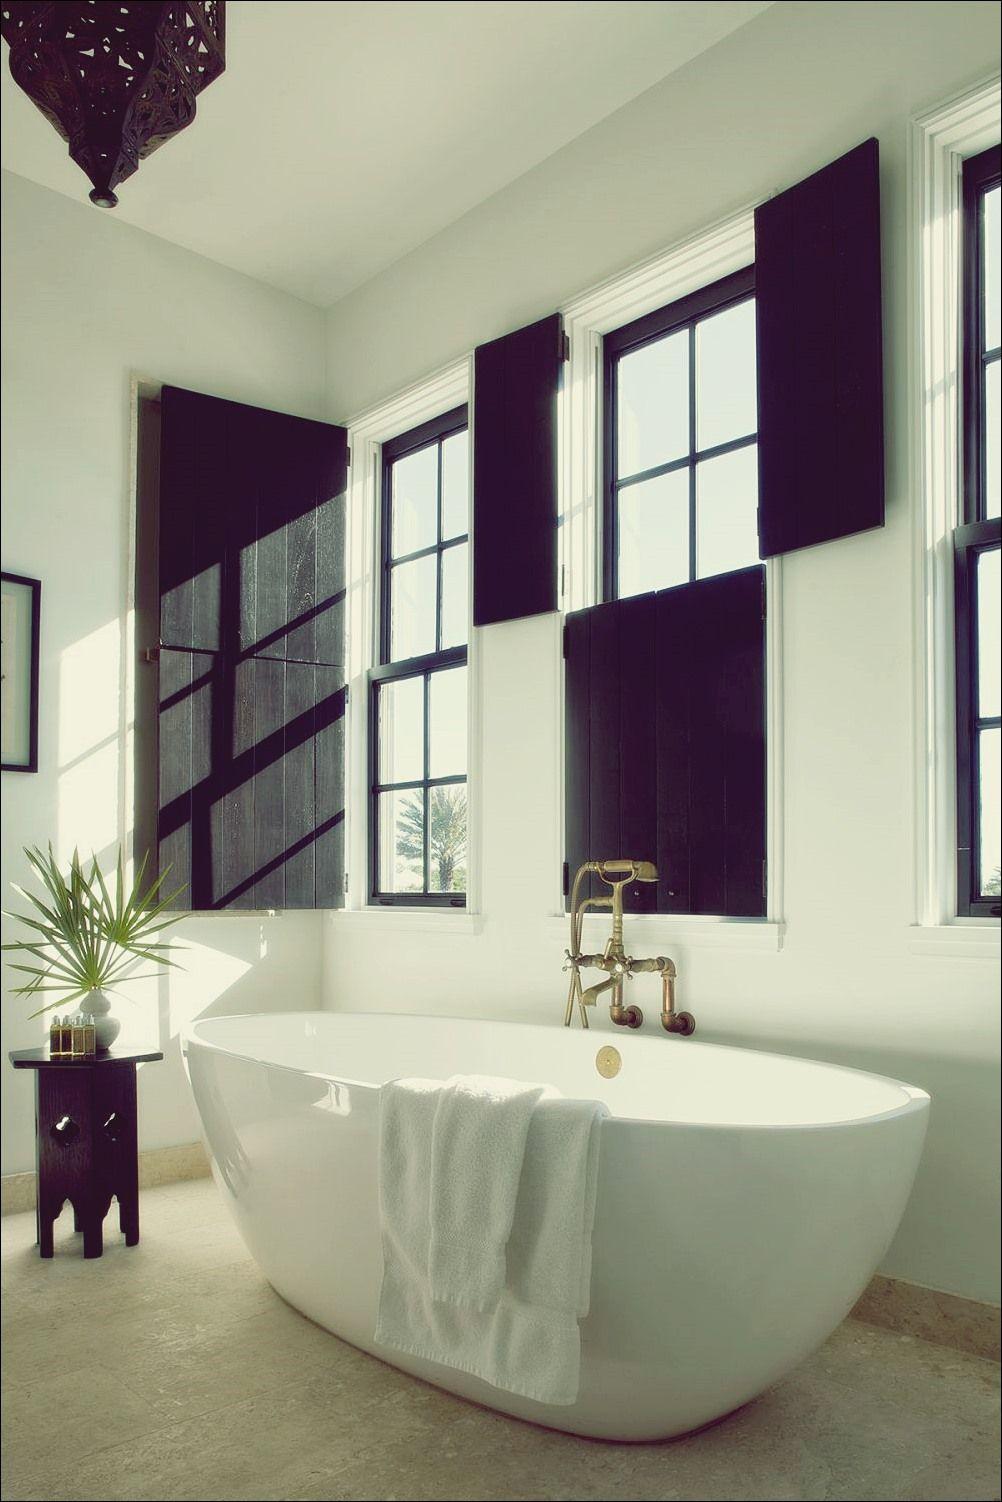 So Finden Sie Das Richtige Badezimmerfenster Fur Ihren Stil Bad Deko Badezimmer Fenster Ideen Badezimmer Schwarz Badezimmer Beige